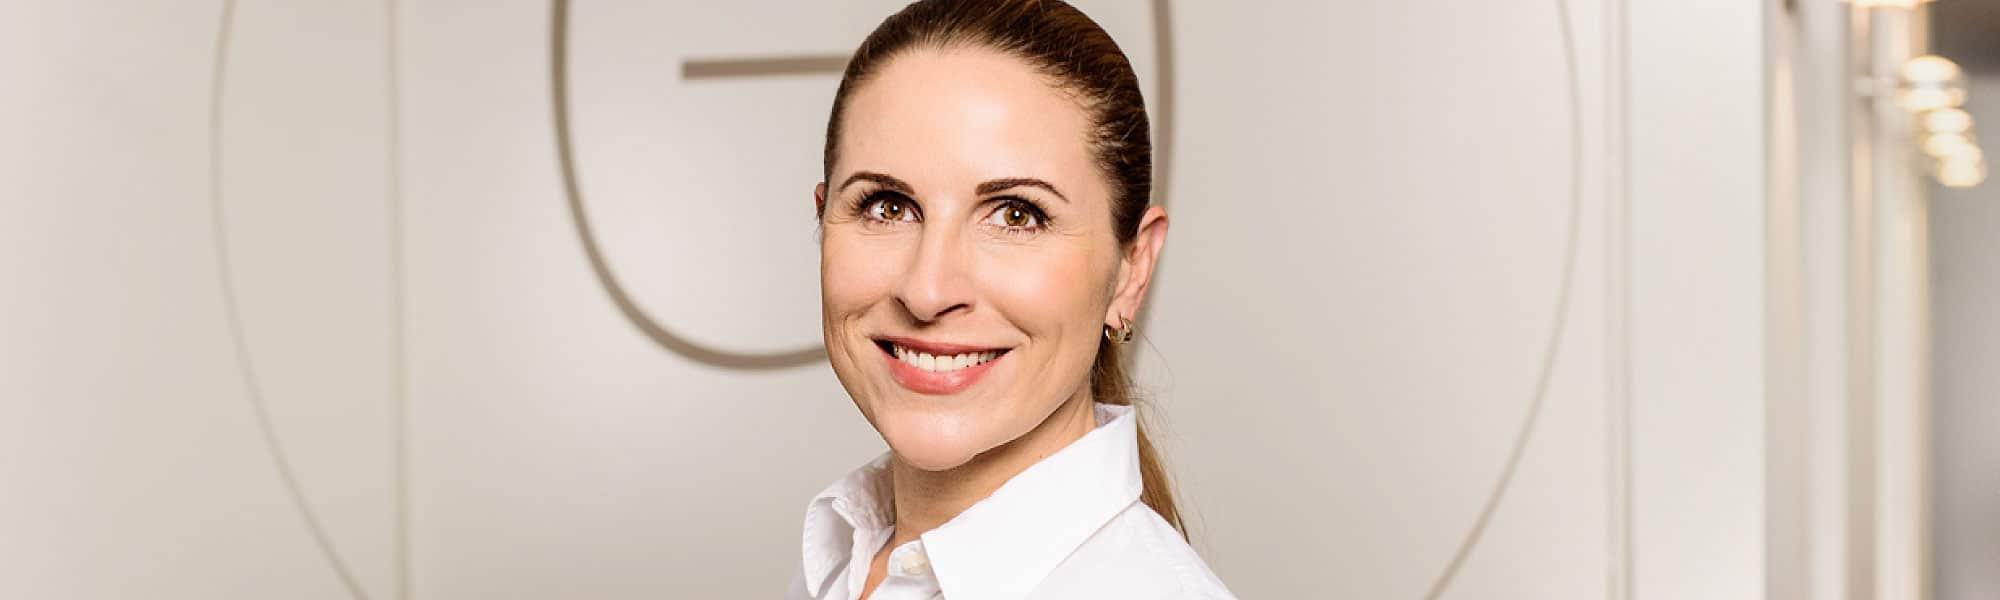 Headerbild von Dr. Nadine Ly, Zahnärztin im Dental Centrum Bethanien